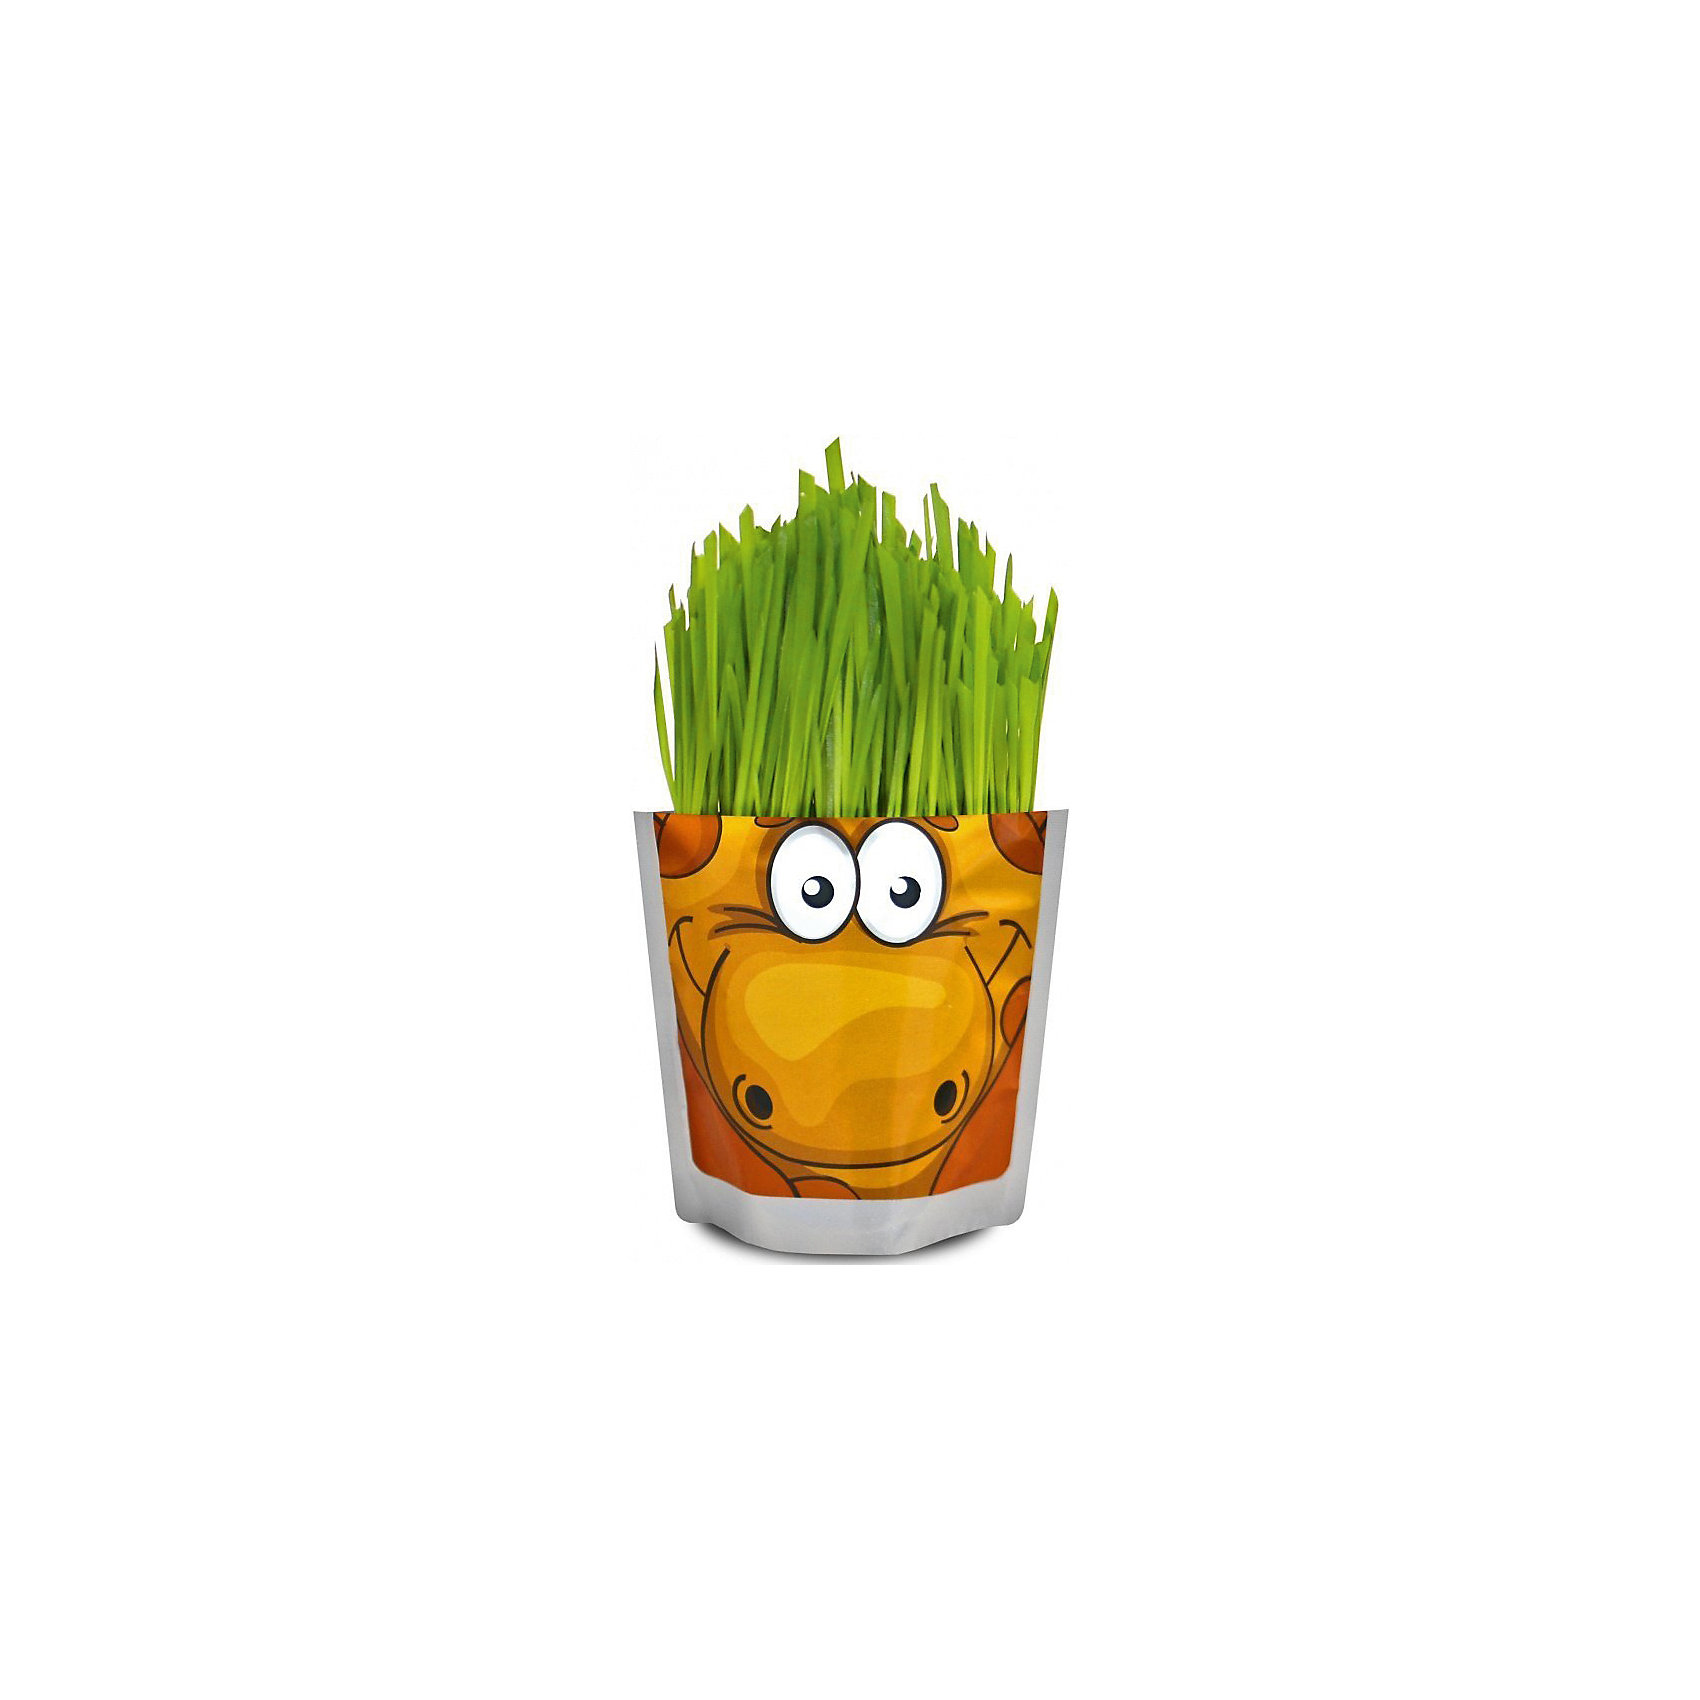 Набор для выращивания Сафари - Жираф Happy PlantHappy Plant Жираф.<br><br>Характеристики:<br><br>• научит ребенка выращивать растения и ухаживать за ними<br>• развивает фантазию <br>• яркий оригинальный дизайн<br>• качественные семена<br>• в комплекте: пакет-горшочек, органический субстрат для посадки, семена, лопатка, инструкция<br>• размер: 18х13 см<br>• объем: 500 мл<br>• Вес: 230 грамм<br><br>Забавный Жираф научит ребенка ухаживать за растениями. С помощью инструкции ребенок с радостью посадит семена и будет наблюдать за ростом травки. Ее можно подстригать, придавая различные формы. Кроме того, Вы сможете придумывать жирафу различные прически. Такой веселый жираф должен быть у каждого юного садовода!<br><br>Happy Plant Жираф, Вы можете купить в нашем интернет-магазине.<br><br>Ширина мм: 180<br>Глубина мм: 130<br>Высота мм: 80<br>Вес г: 230<br>Возраст от месяцев: 168<br>Возраст до месяцев: 240<br>Пол: Унисекс<br>Возраст: Детский<br>SKU: 5053994